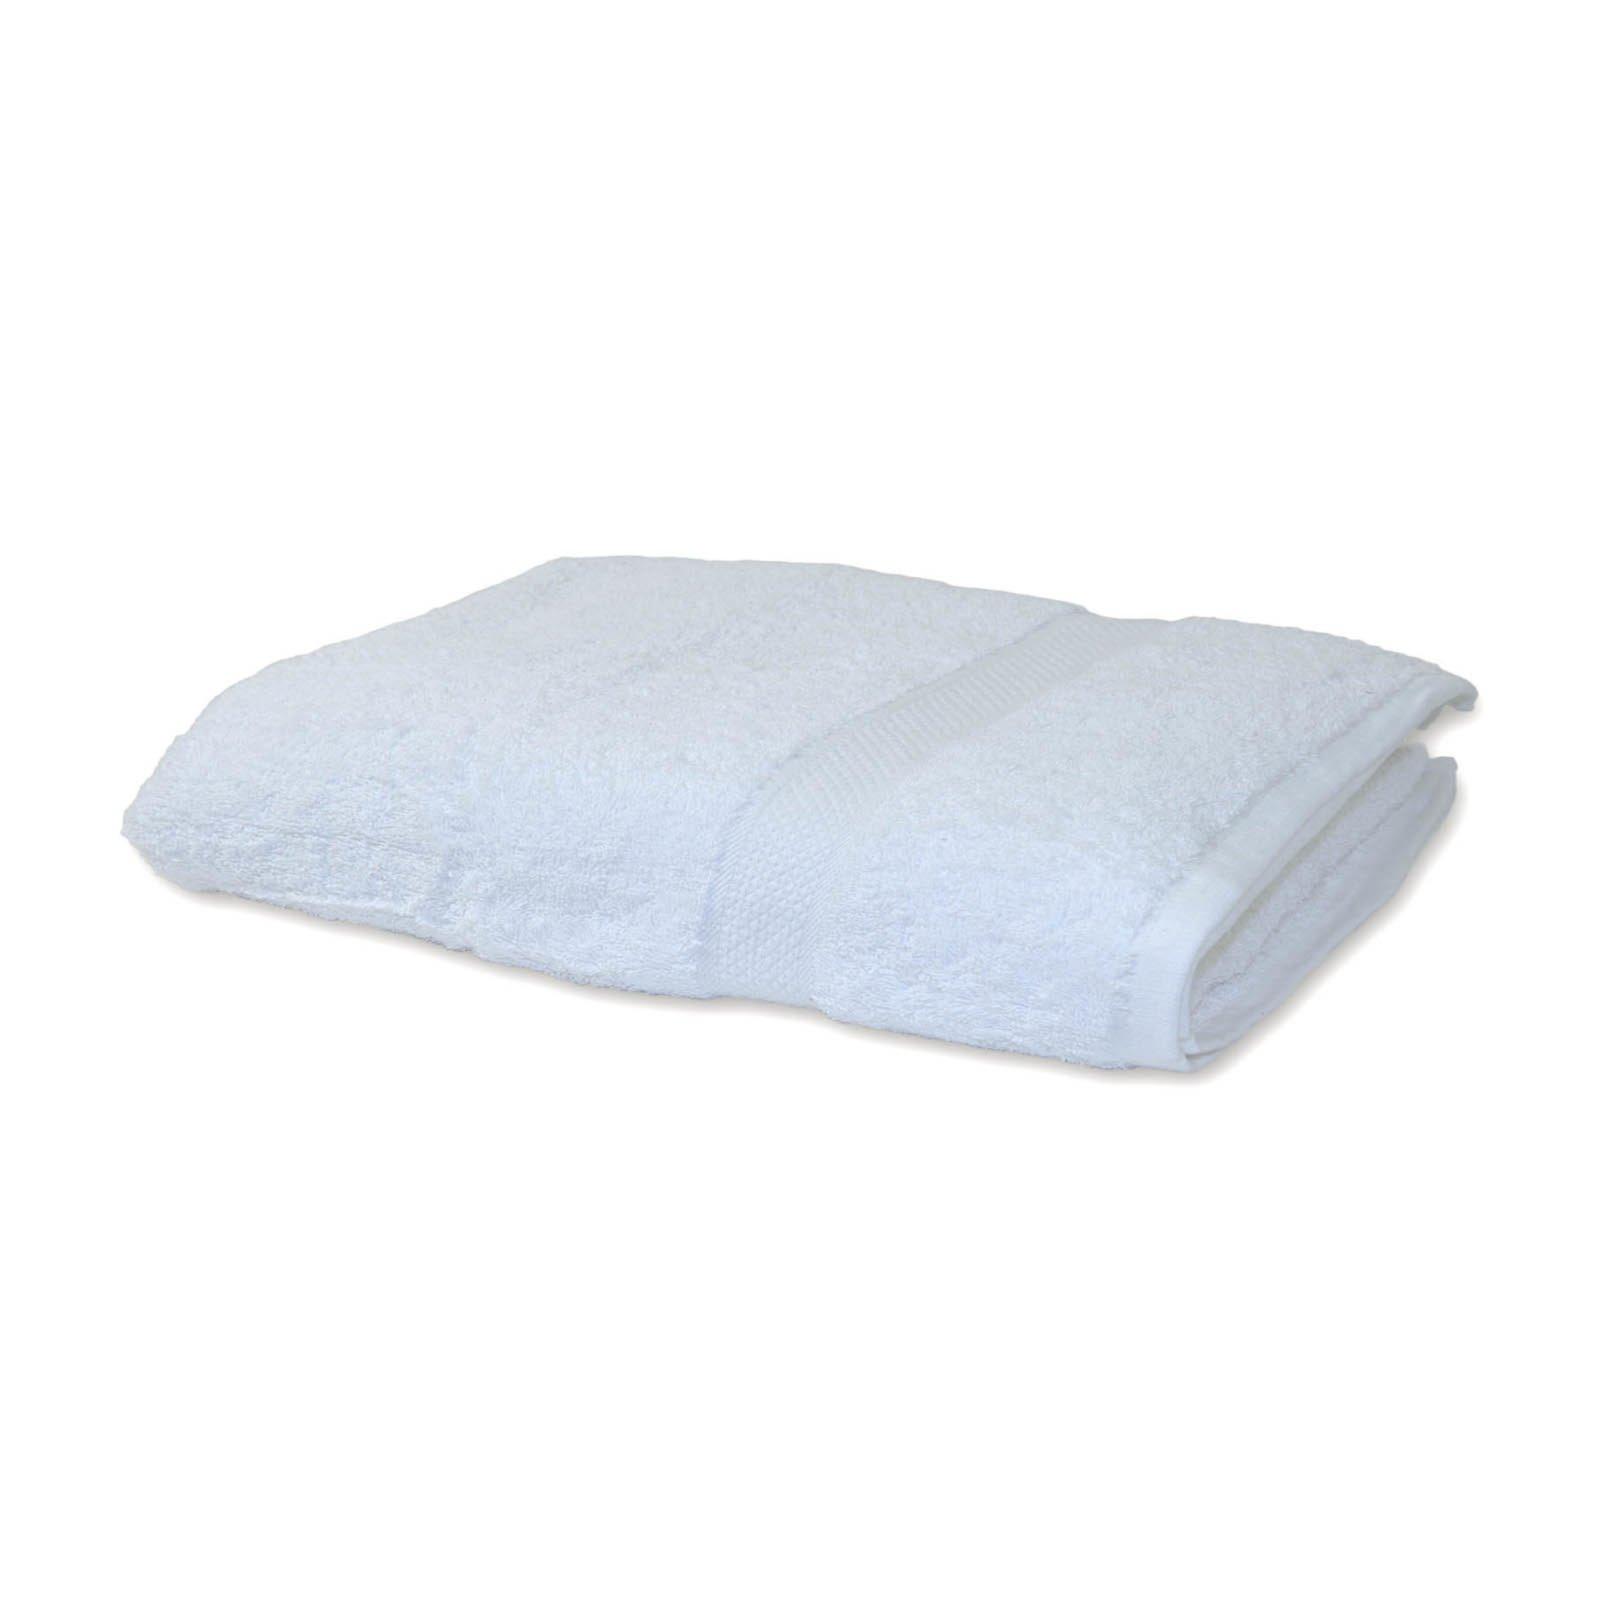 handtuch premium baumwolle wei 50x100 cm handt cher badtextilien bad accessoires. Black Bedroom Furniture Sets. Home Design Ideas